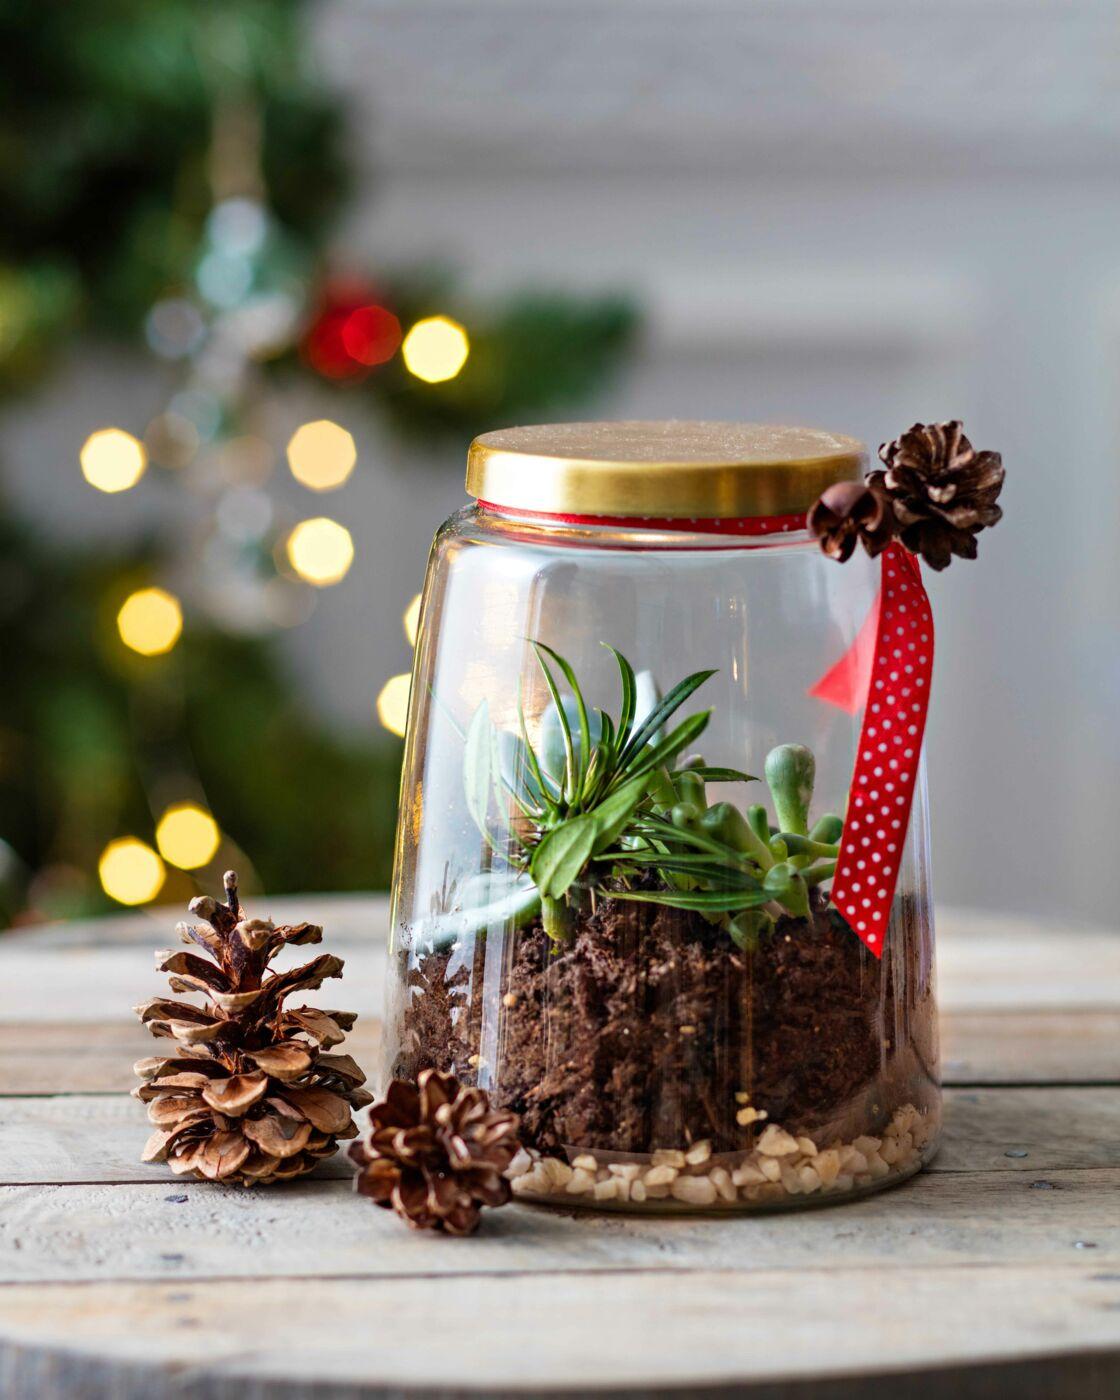 Cadeau Pour Noel A Fabriquer Soi Meme.Des Cadeaux De Noël à Faire Soi Même Femme Actuelle Le Mag